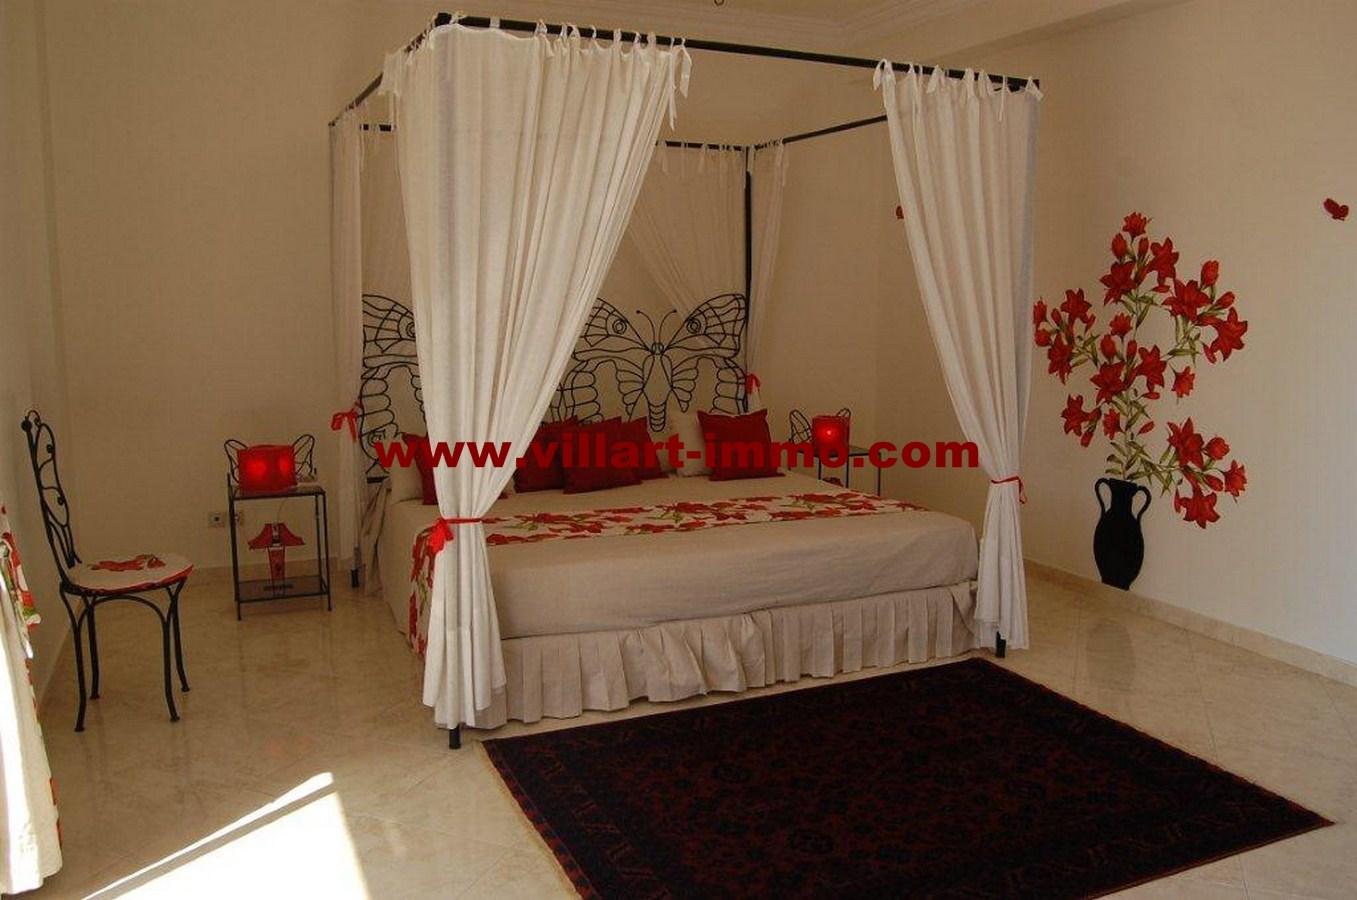 10-vente-appartement-tanger-la-montagne-chambre-4-va452-villart-immo